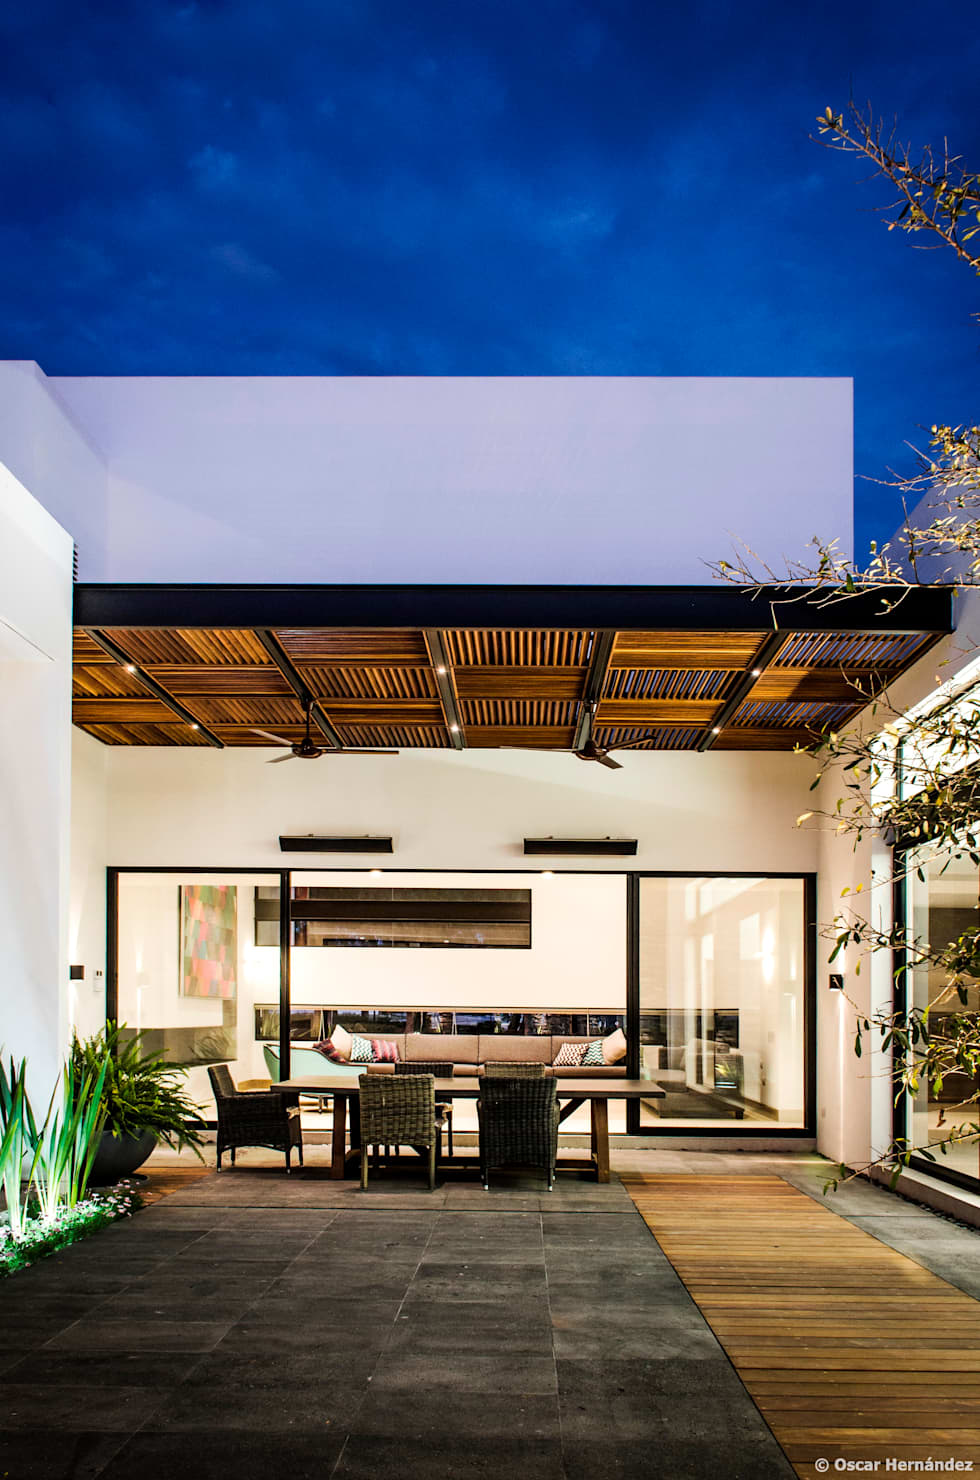 Im genes de decoraci n y dise o de interiores homify - Diseno techos exteriores ...